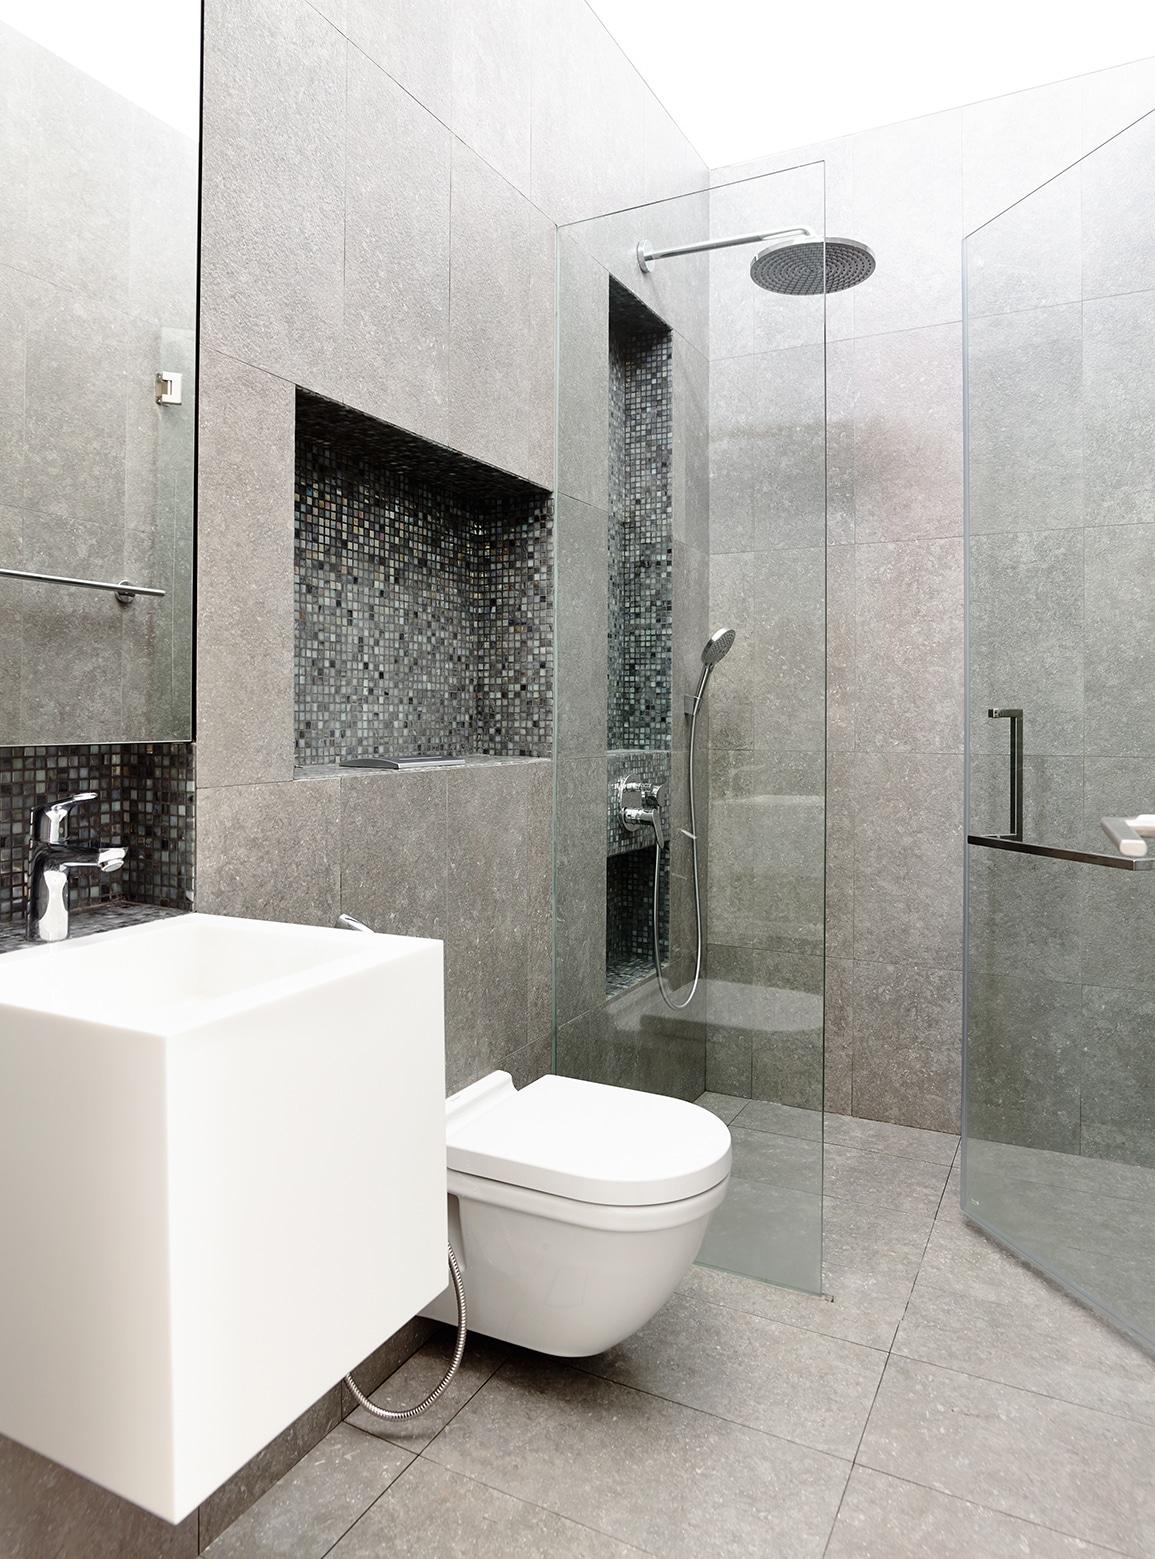 baño blanco piso gris ~ dikidu